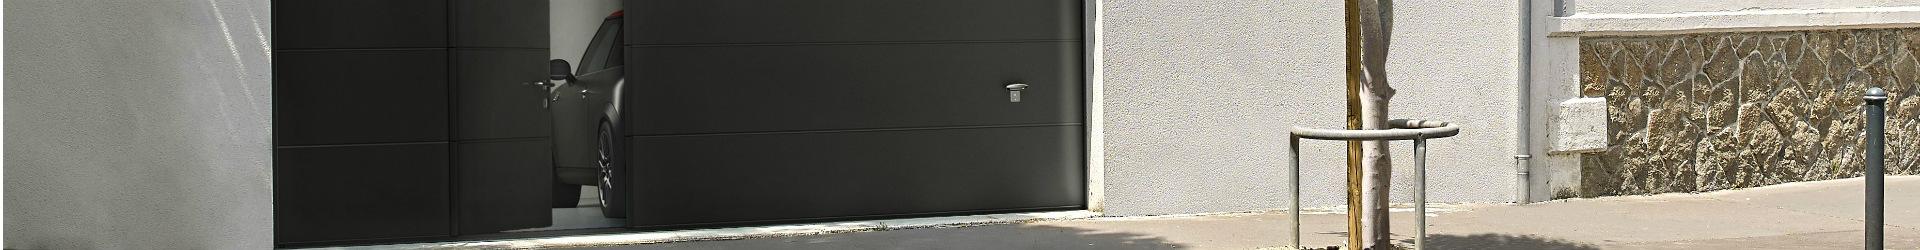 porte-garage-portillon-novoferm-theze-guichen